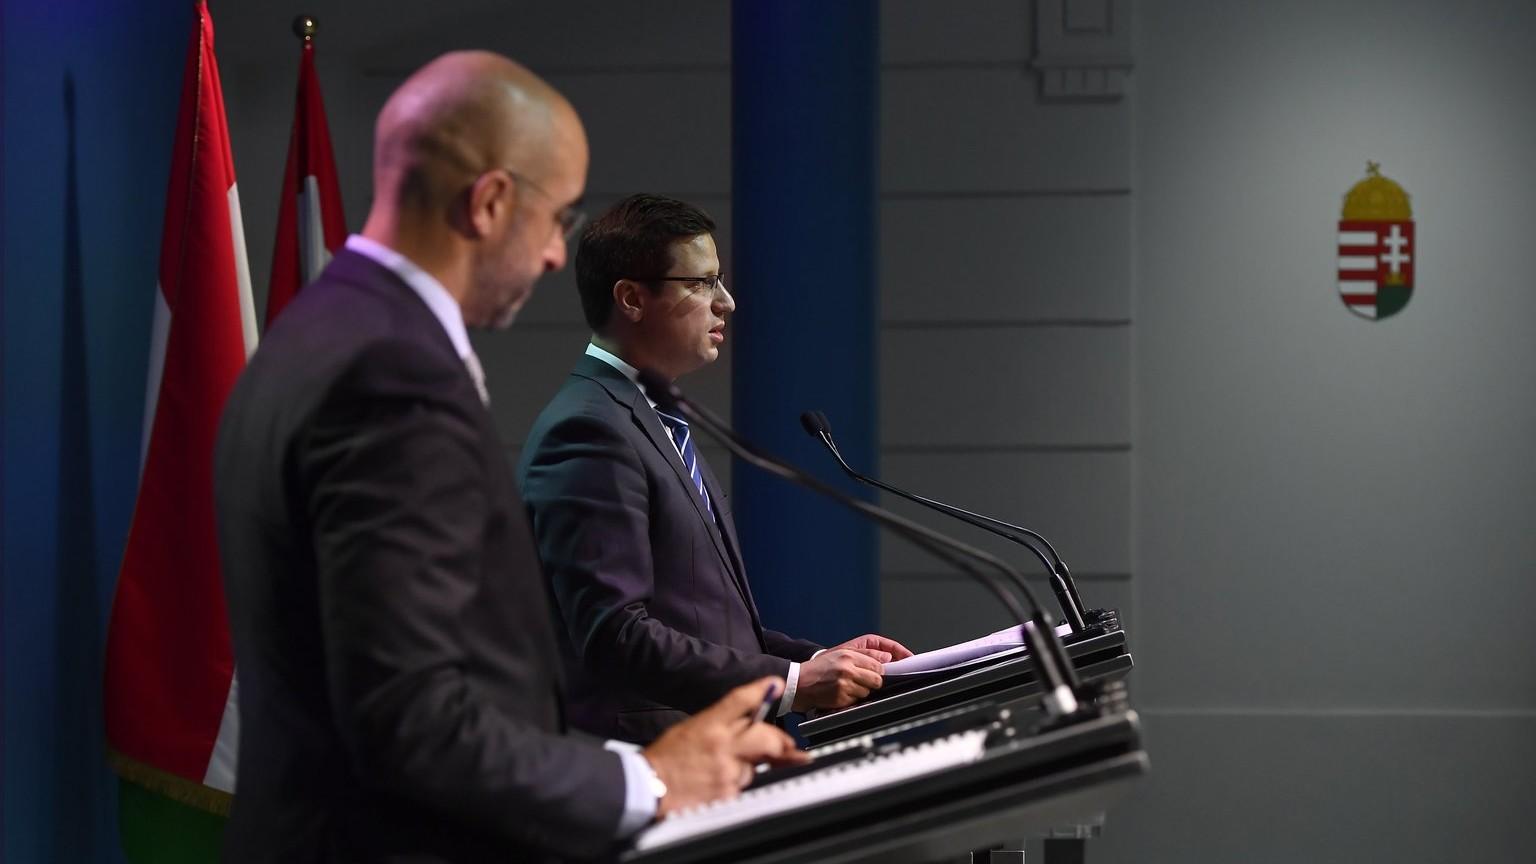 Gulyás Gergely Miniszterelnökséget vezető miniszter sajtótájékoztatót tart a Miniszterelnöki Kabinetiroda sajtótermében 2018. szeptember 13-án – mellette Kovács Zoltán, kormányszóvivő (Fotó: MTI/Illyés Tibor)